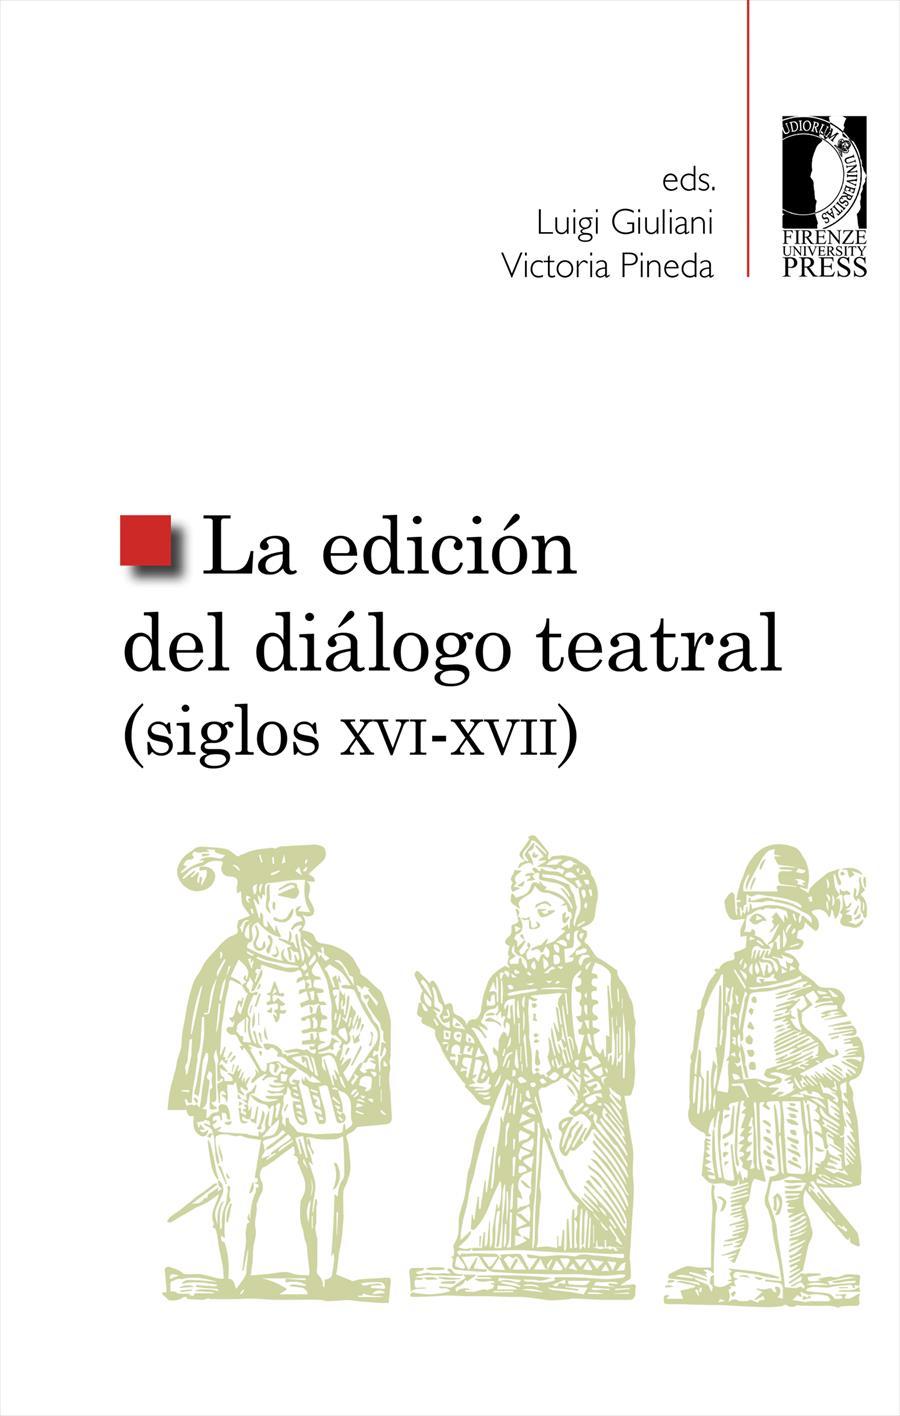 La edición del diálogo teatral (siglos XVI-XVII)